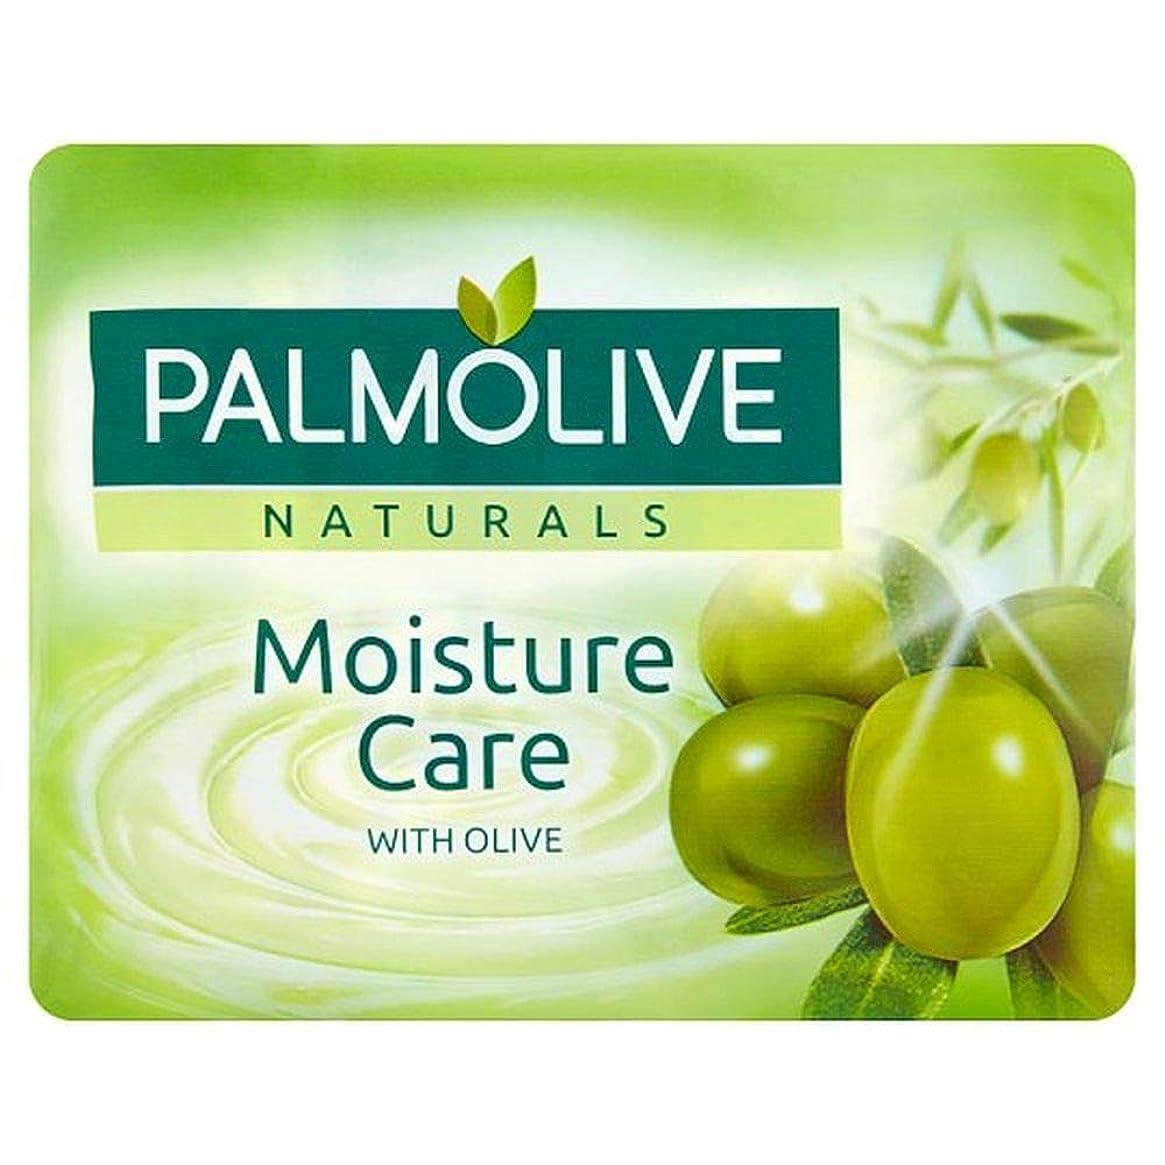 参加する安全性医療過誤[Palmolive ] パルモナチュラル水分ケア石鹸4×90グラム - Palmolive Naturals Moisture Care Bar Soap 4 X 90g [並行輸入品]